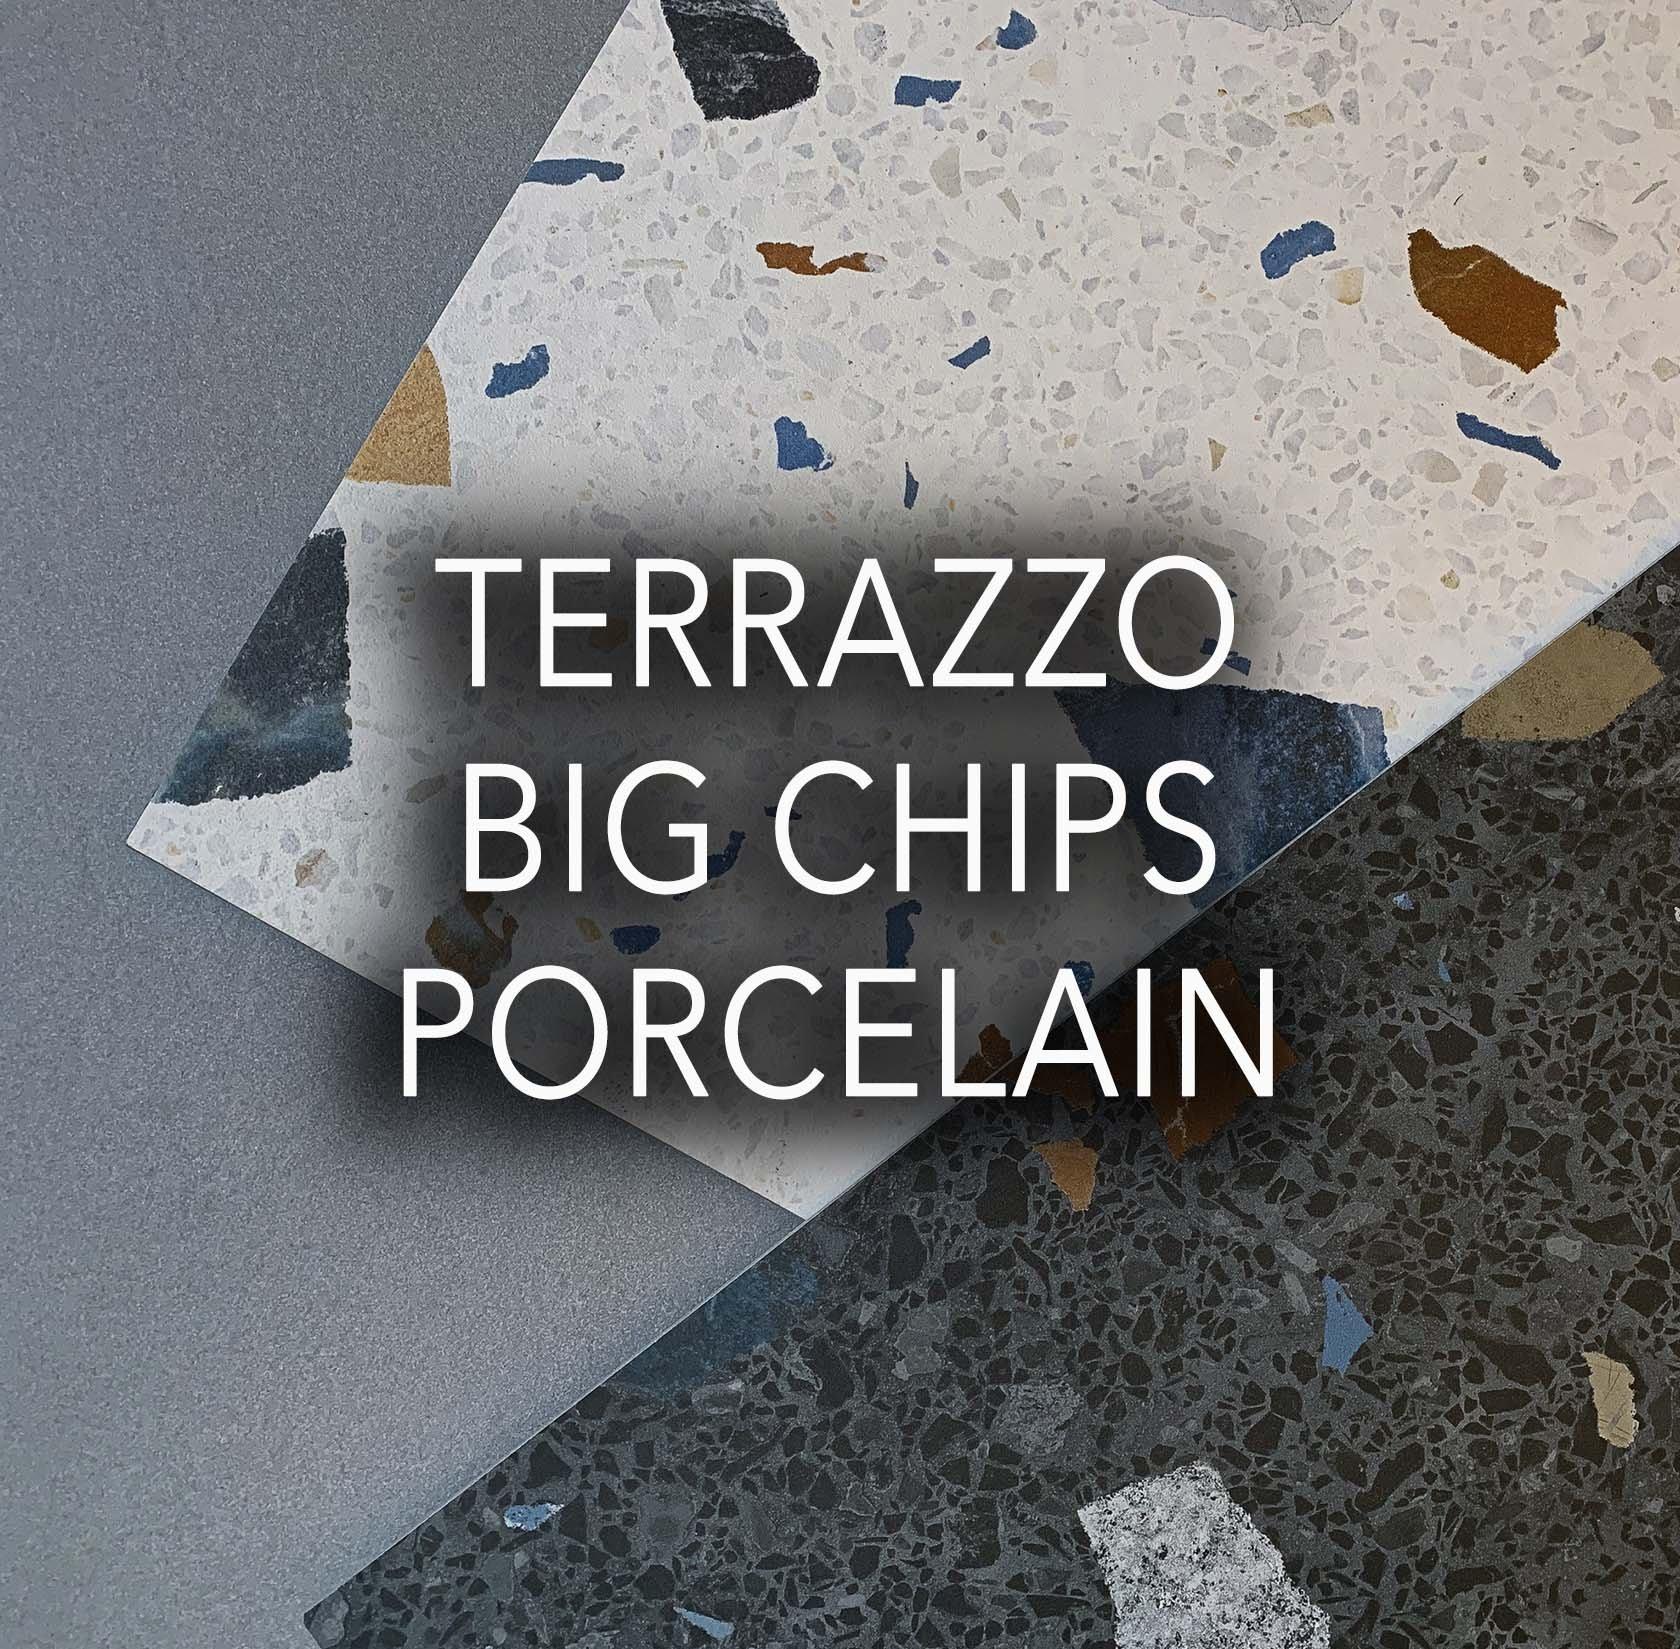 Terrazzo Big Chips Porcelain Tiles